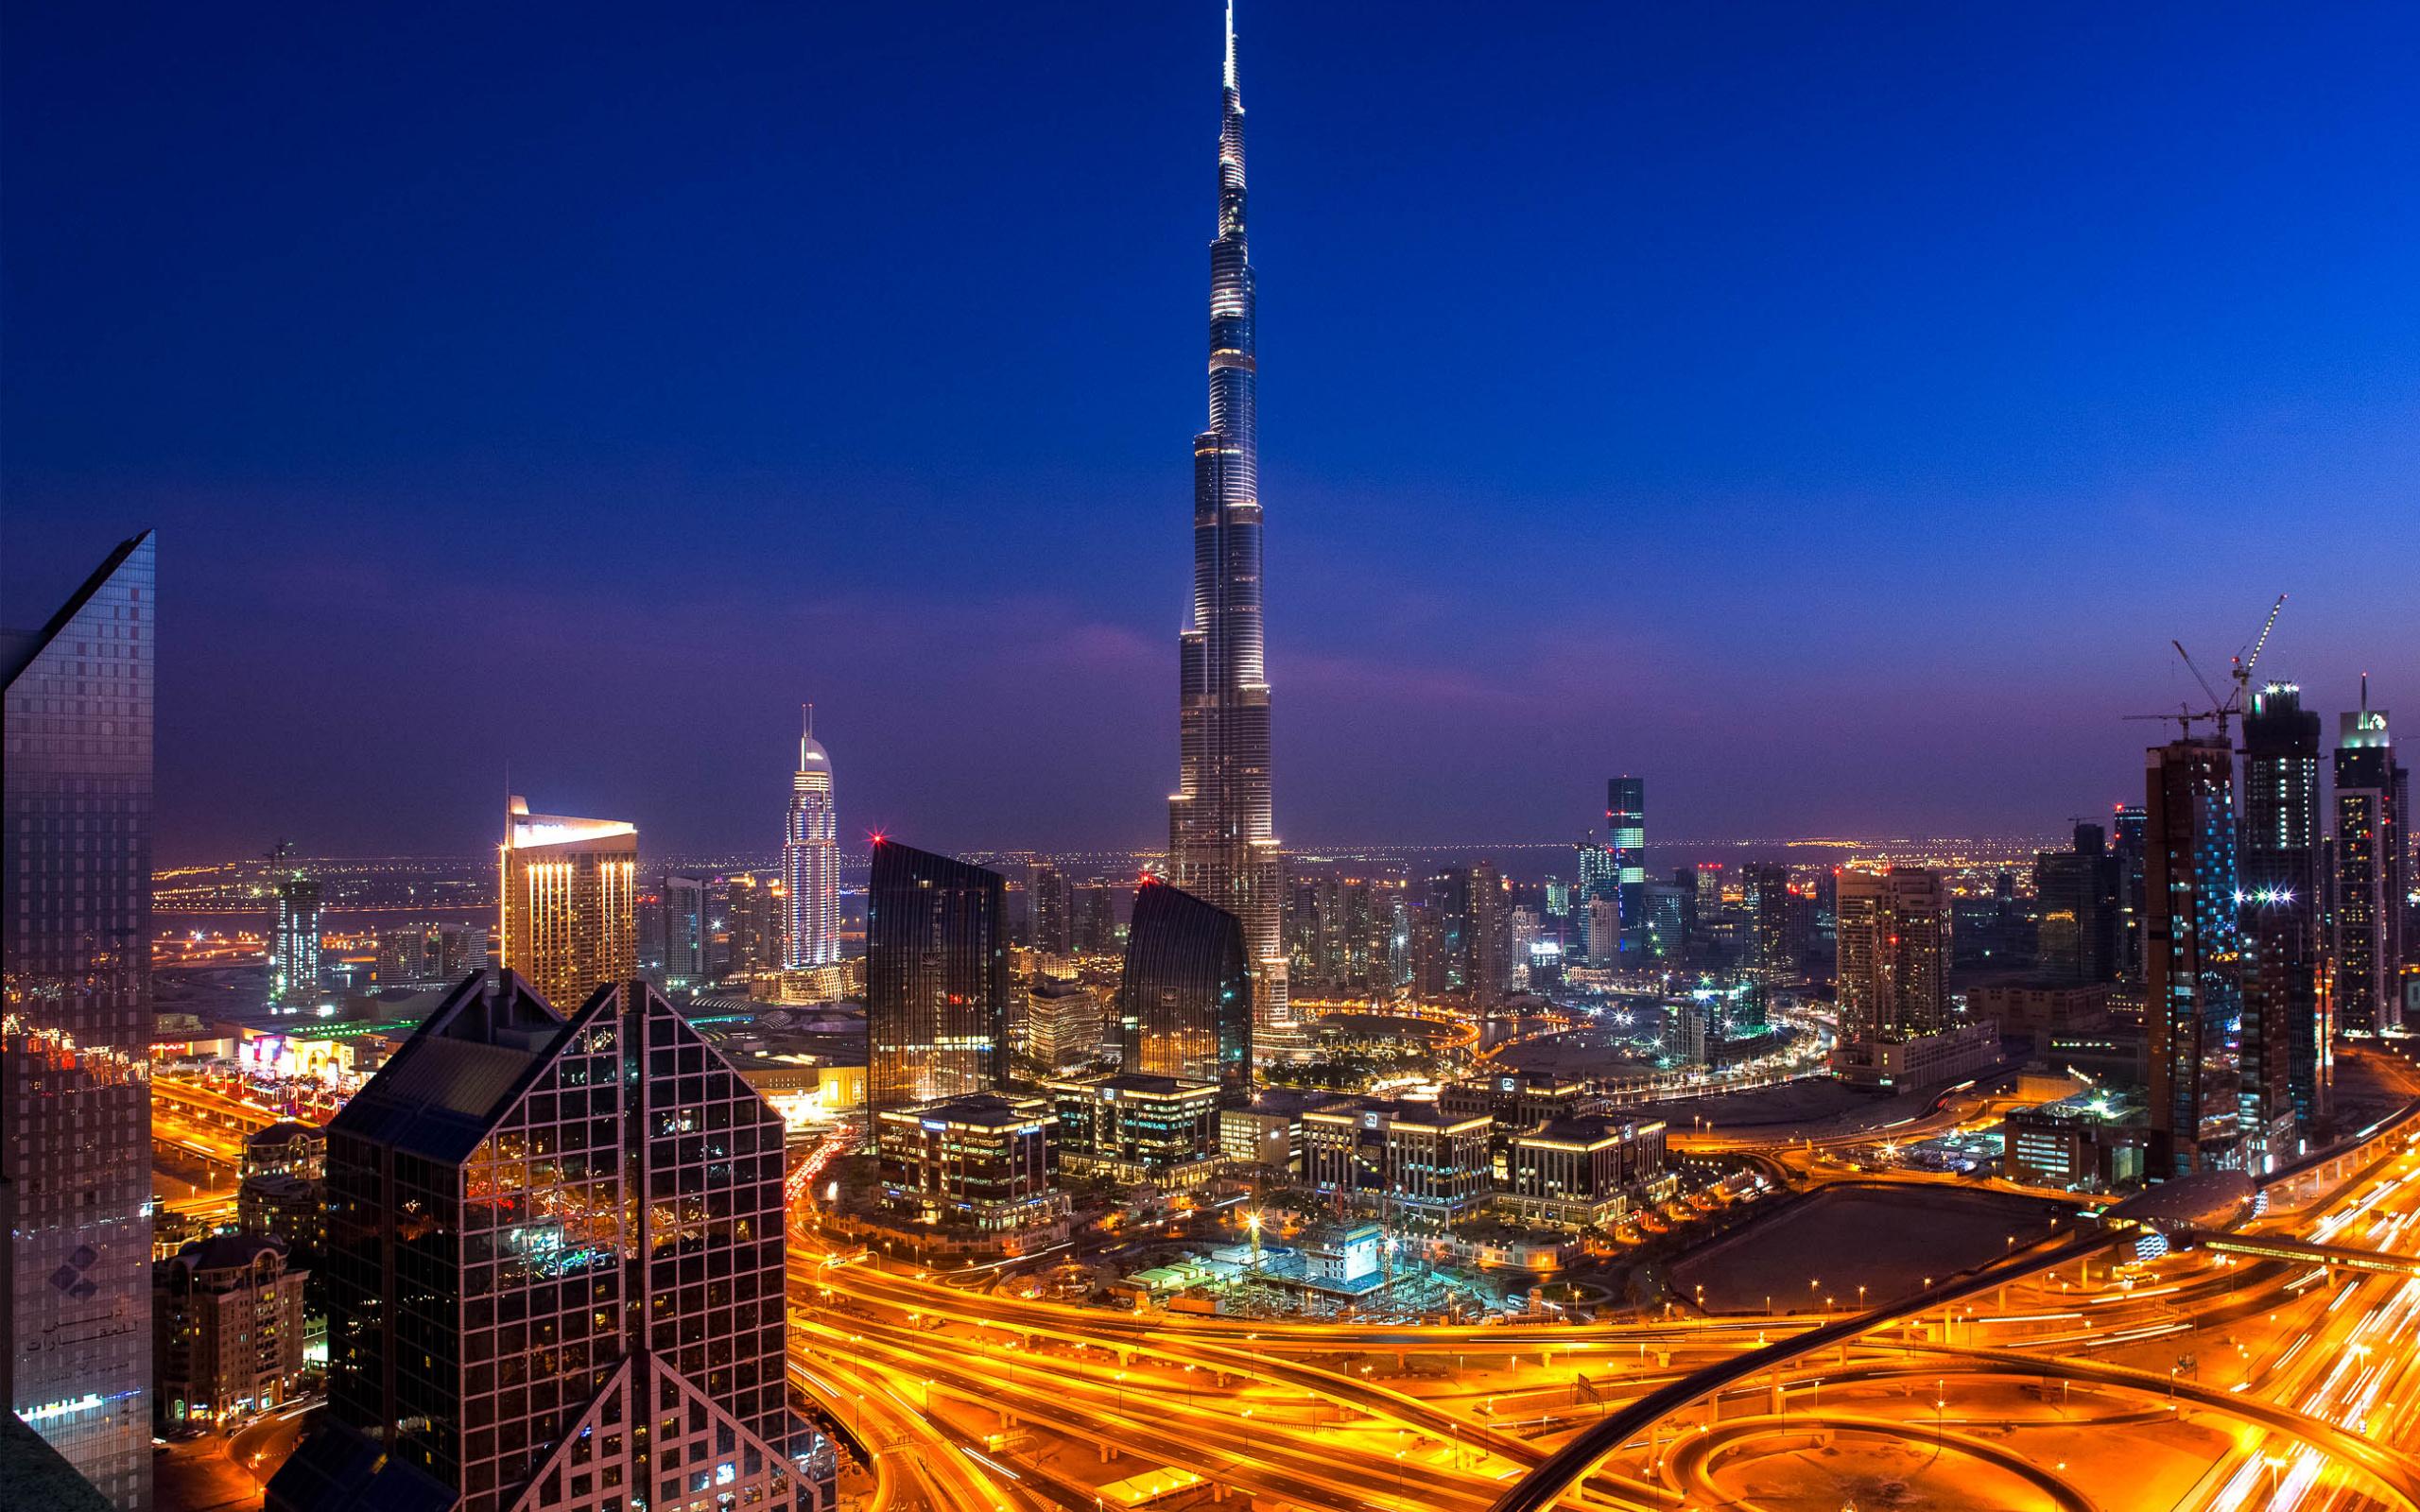 Burj-Khalifai.jpg